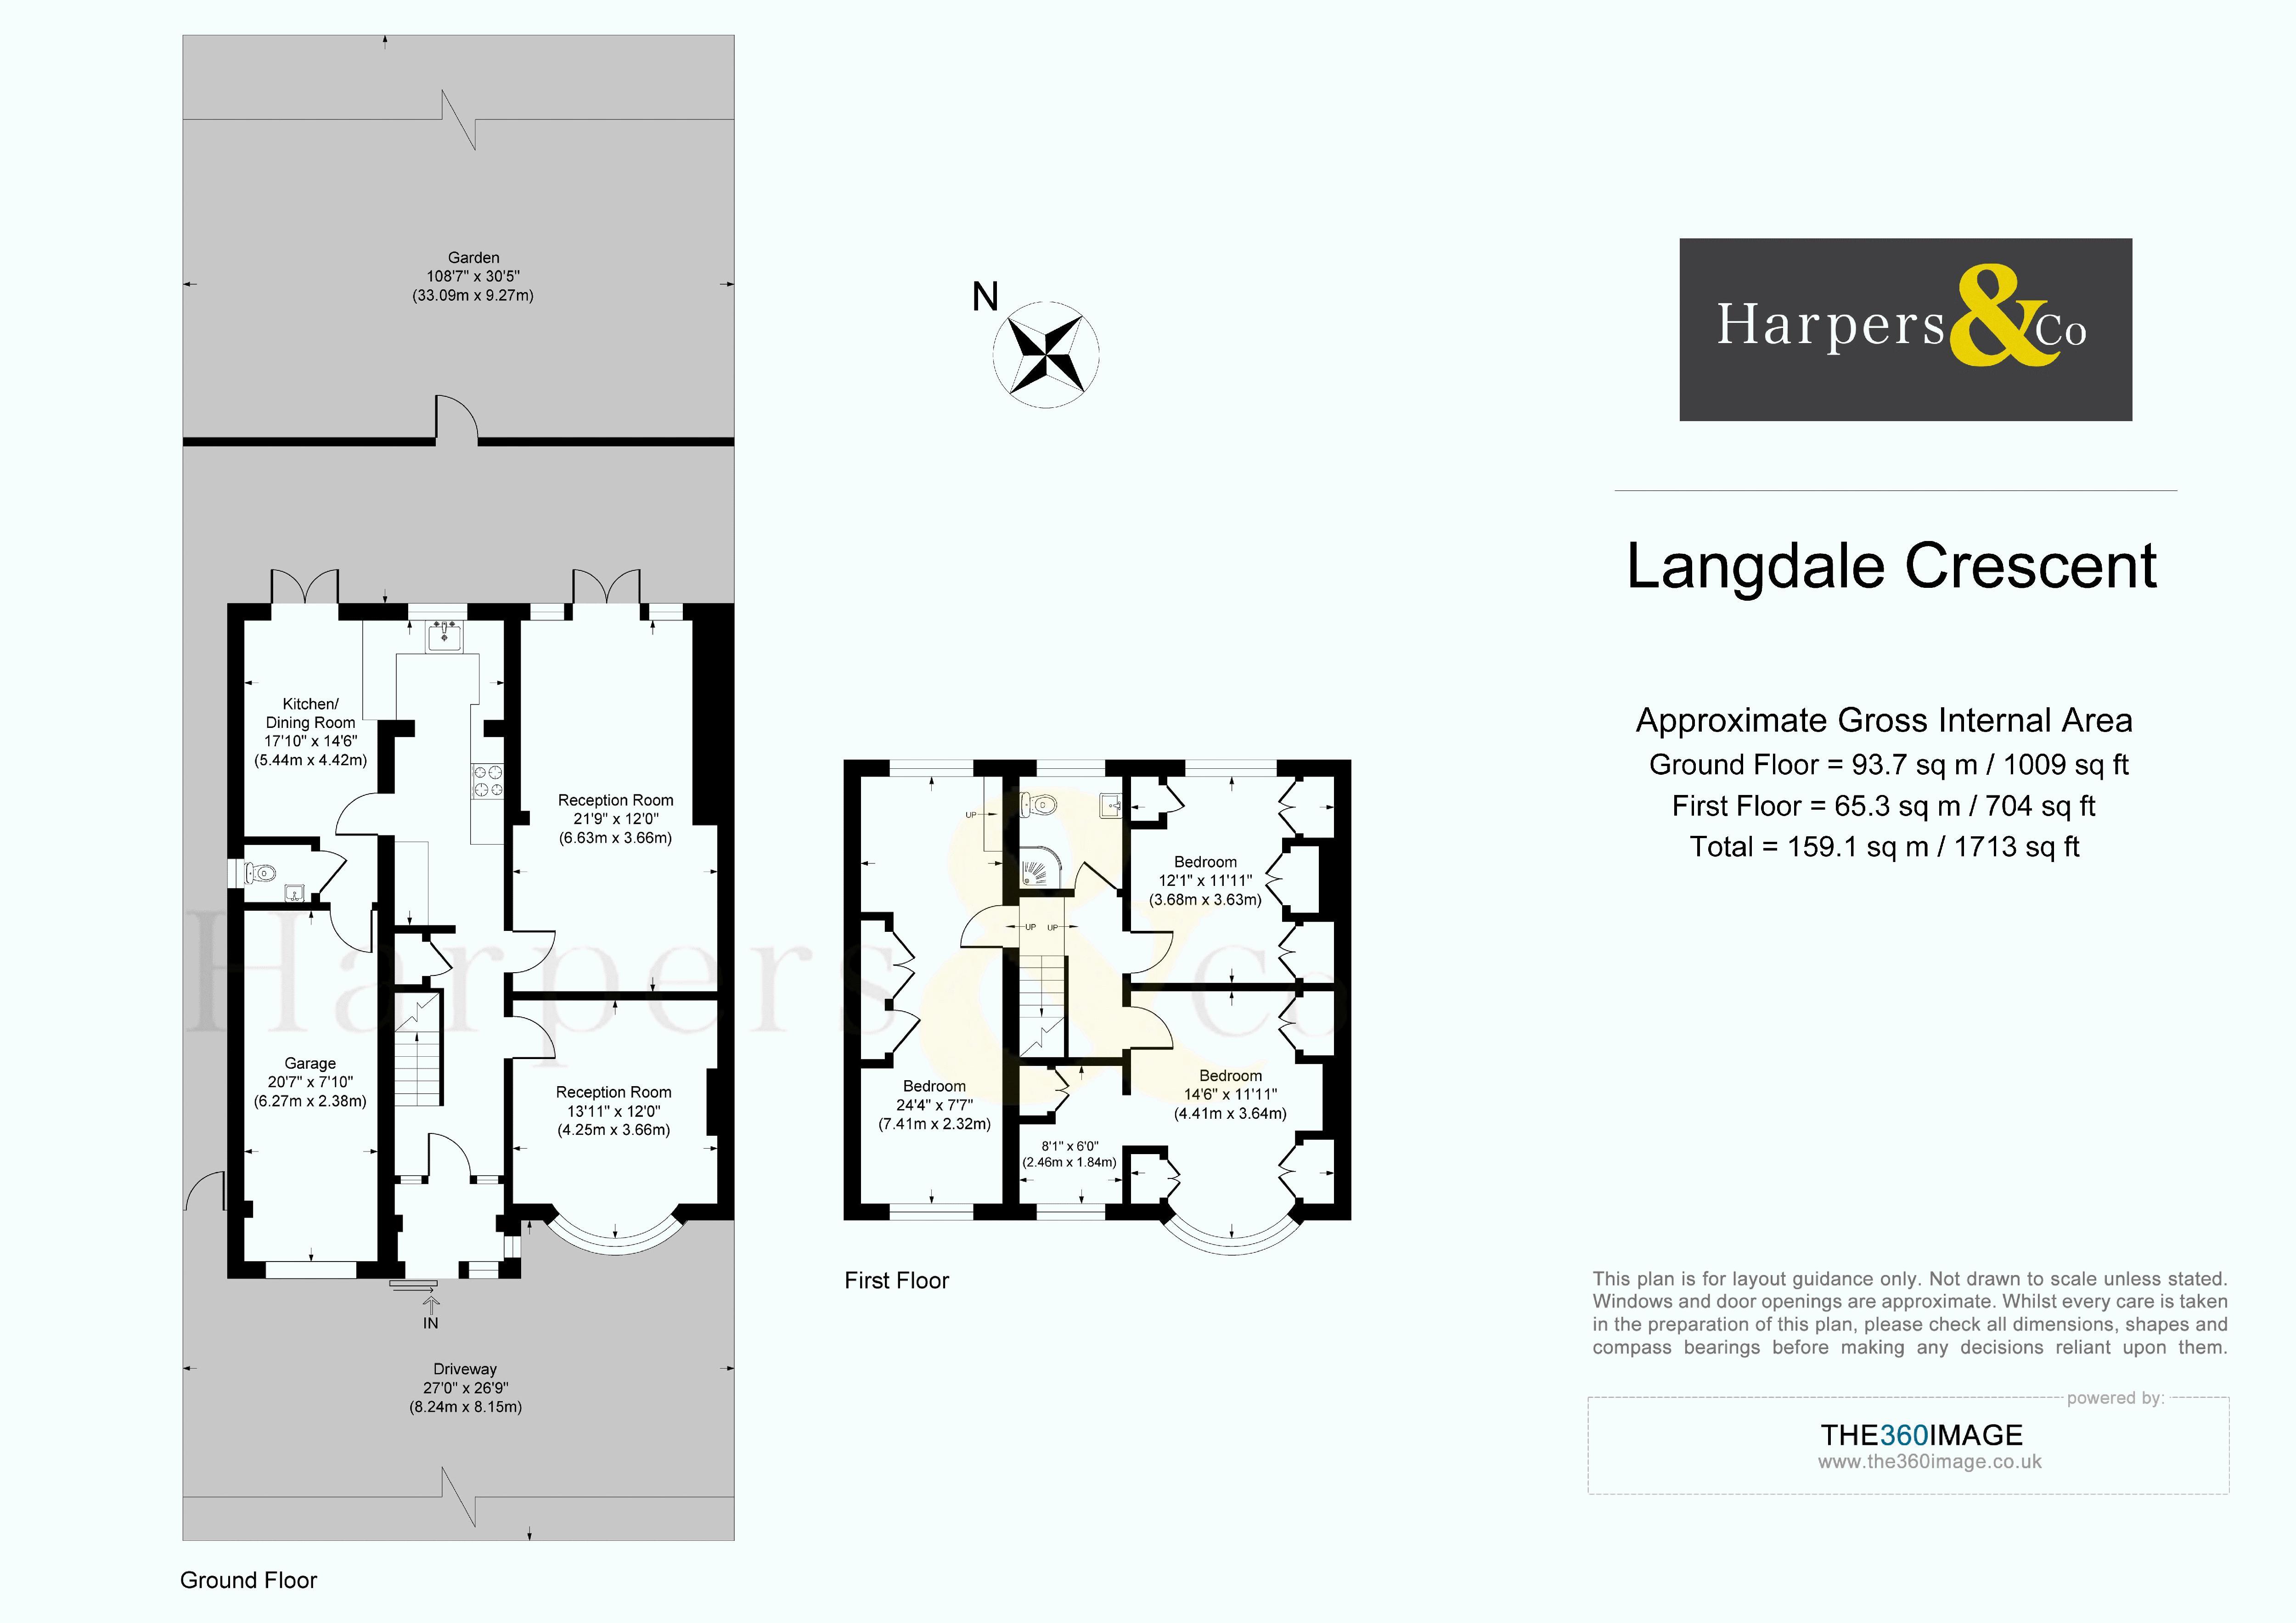 Langdale Crescent